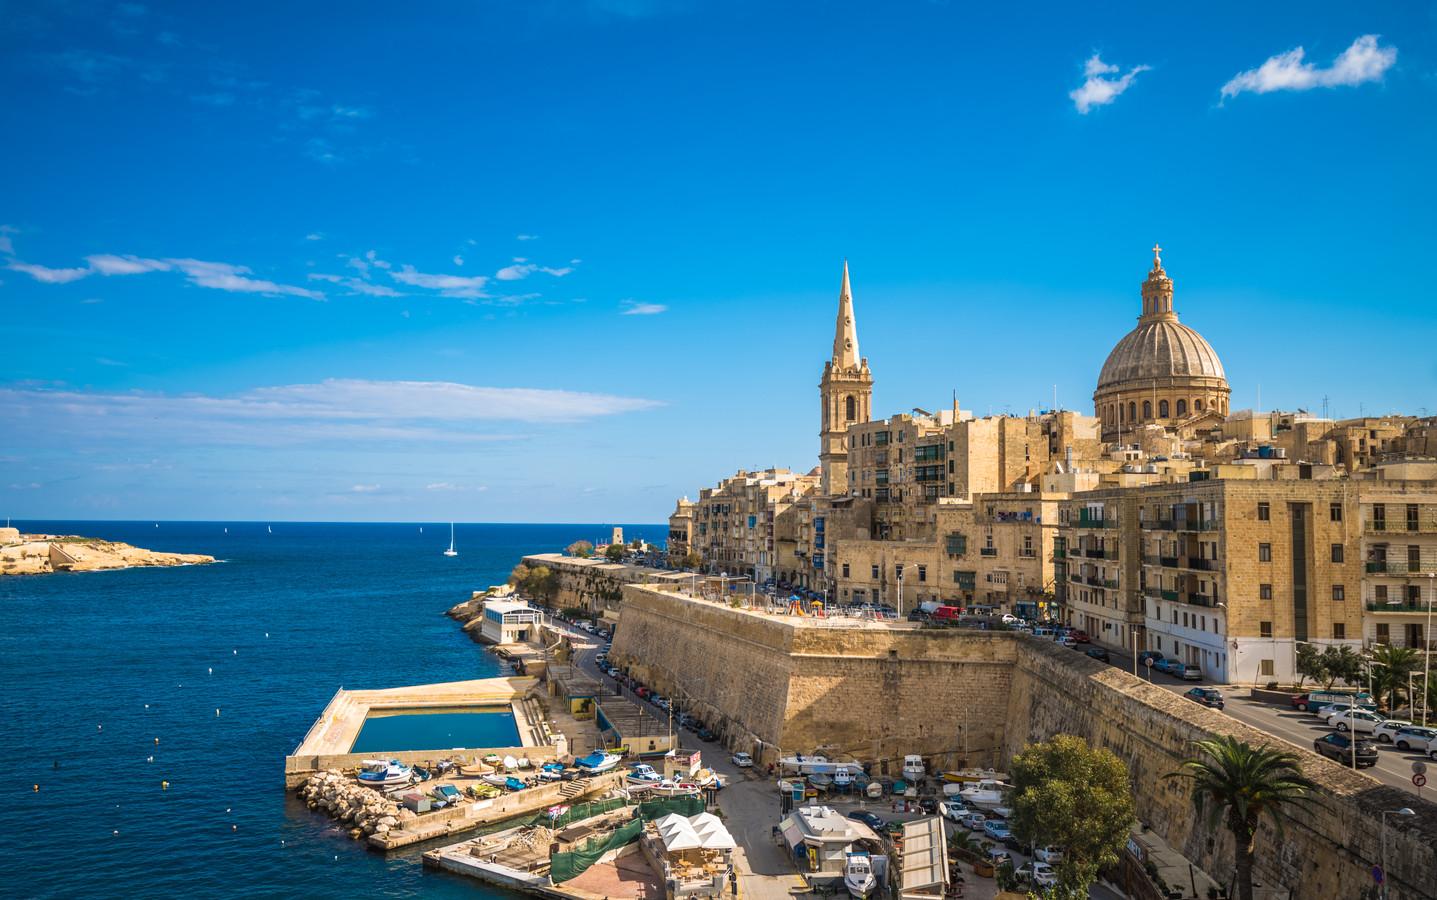 Een fraai beeld van Valletta, de hoofdstad van Malta.